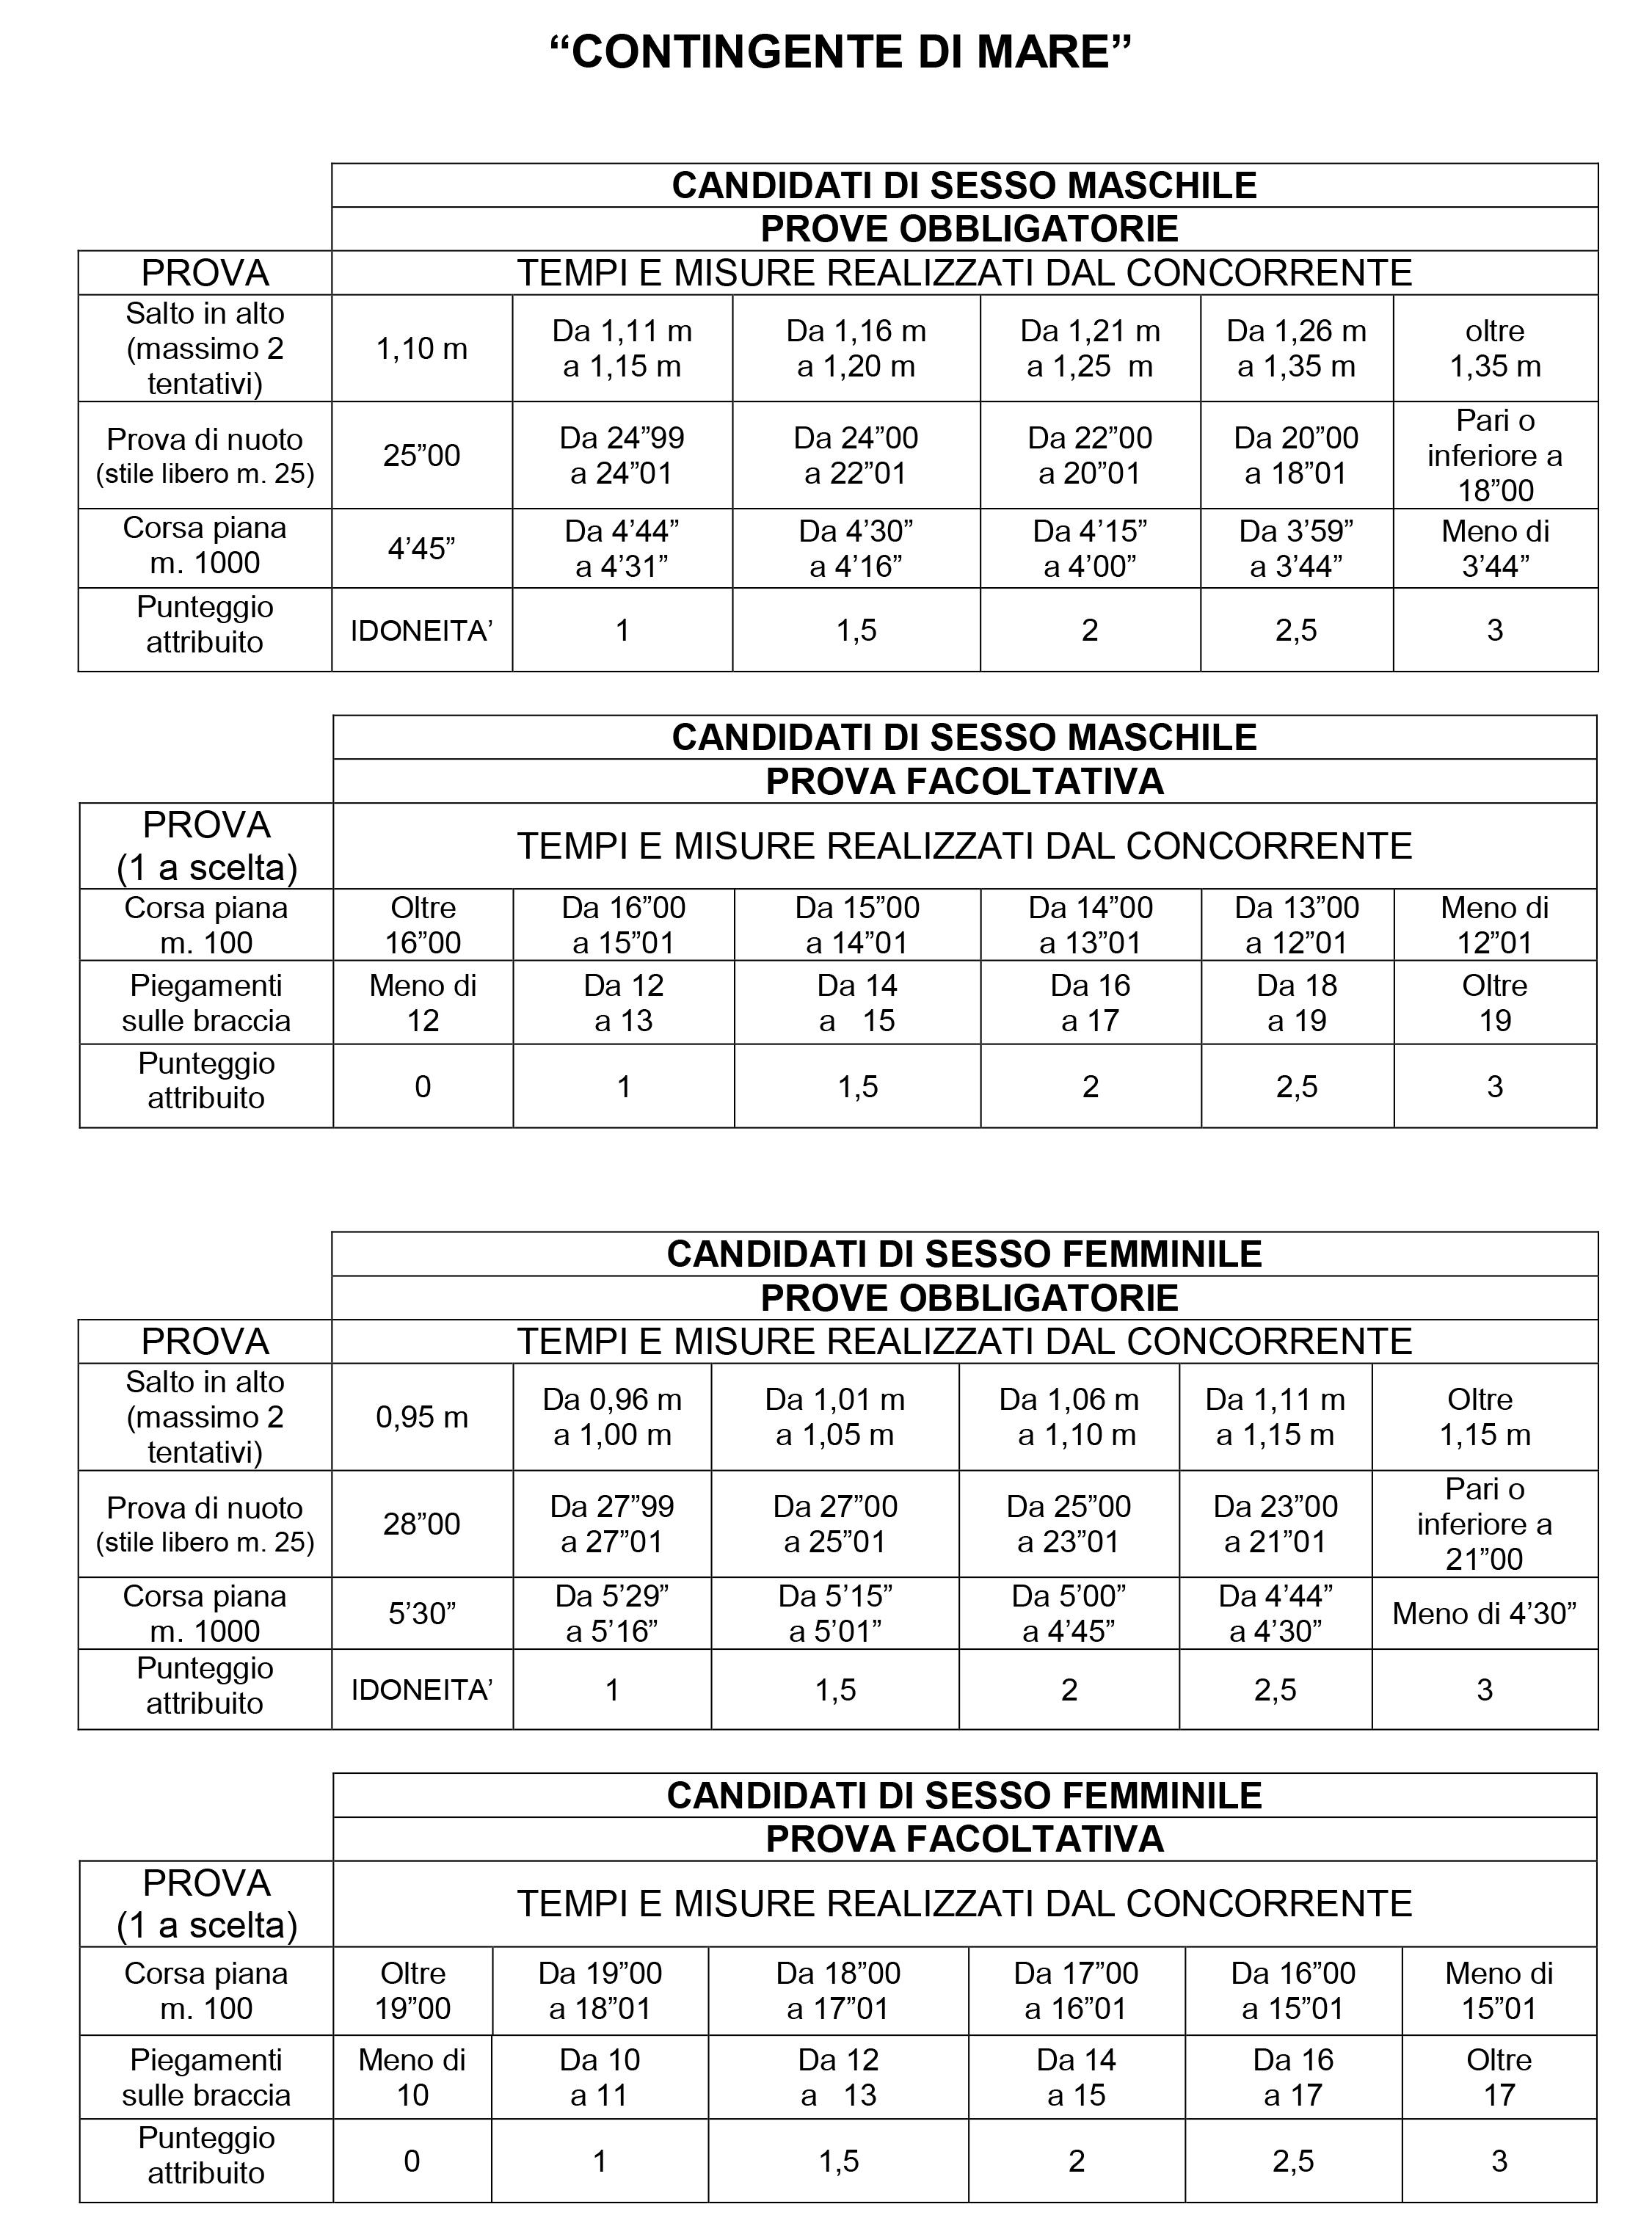 Prove fisiche Concorso Allievi Finanzieri tabella contingente di mare